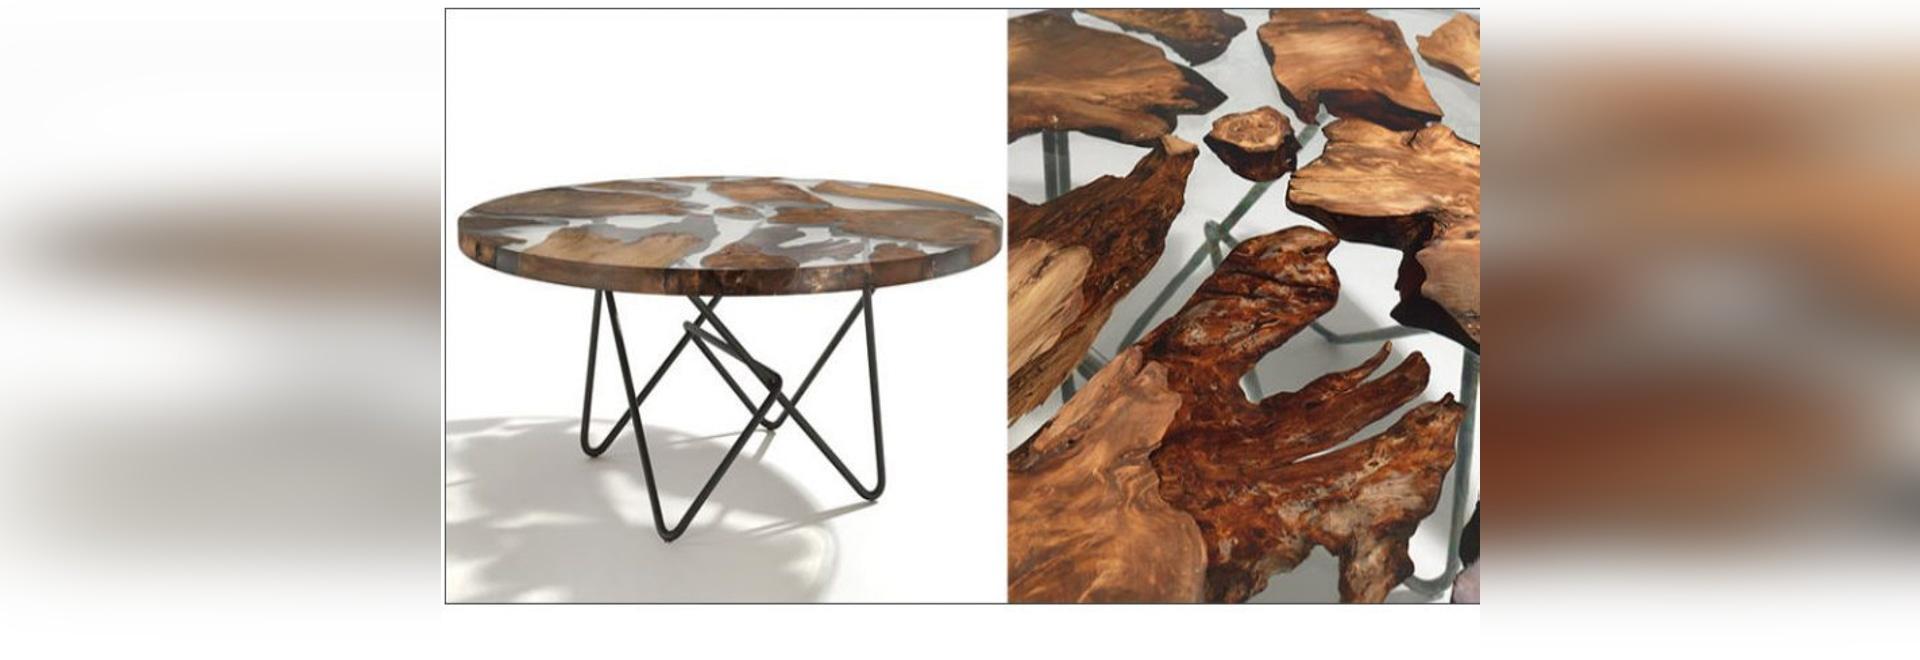 Du bois antique du Nouvelle-Zélande a été combiné avec de la résine pour créer ce dessus unique de Tableau